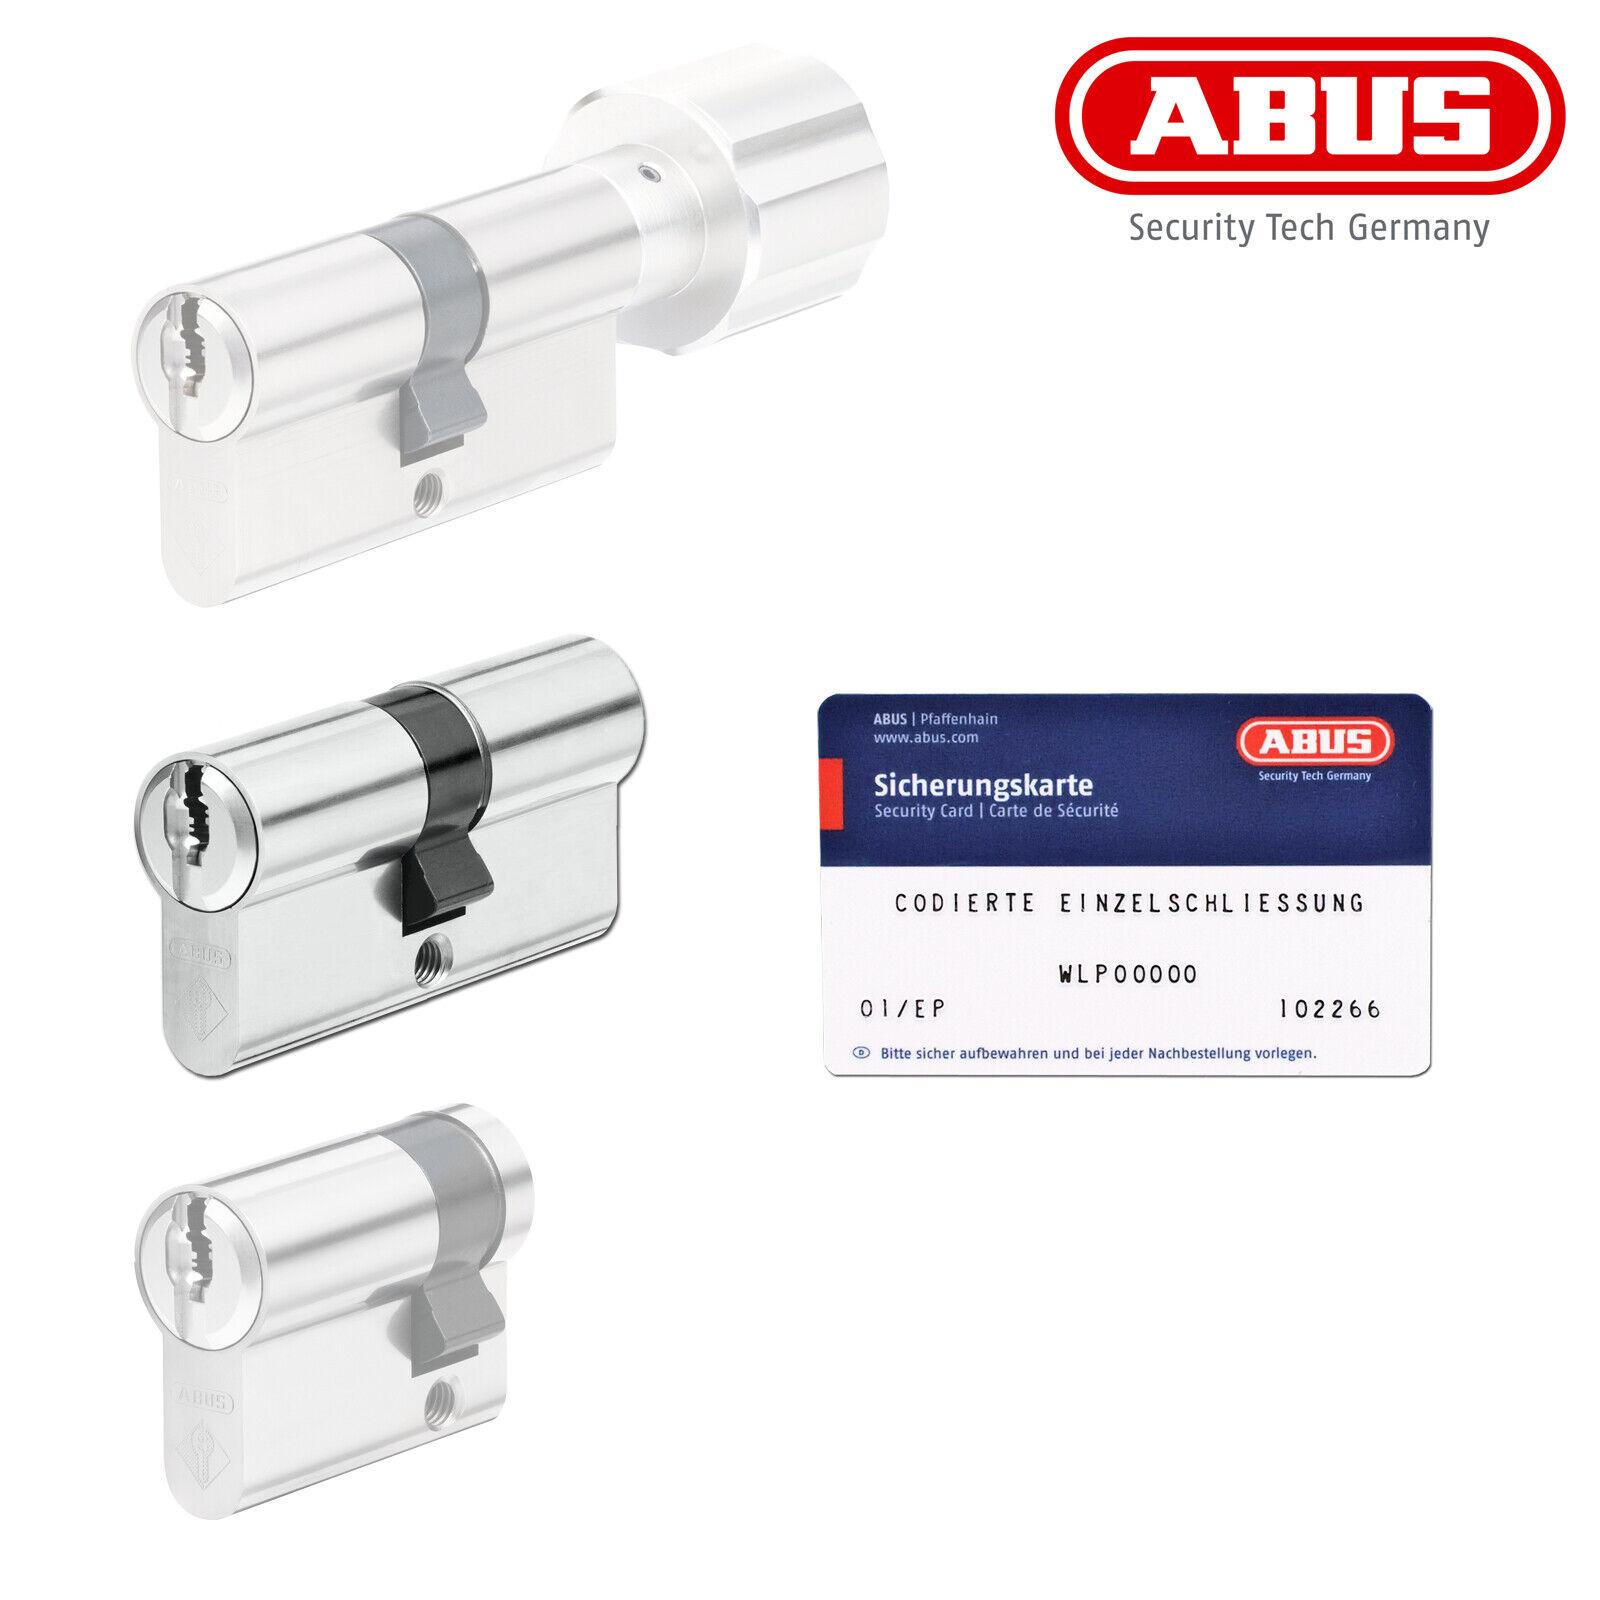 ABUS Schließzylinder Wavy Line pro Profilzylinder Schließzylinder 10 30 - 55 60  | Kompletter Spezifikationsbereich  | Haben Wir Lob Von Kunden Gewonnen  | Ausgezeichnete Leistung  | Vielfalt